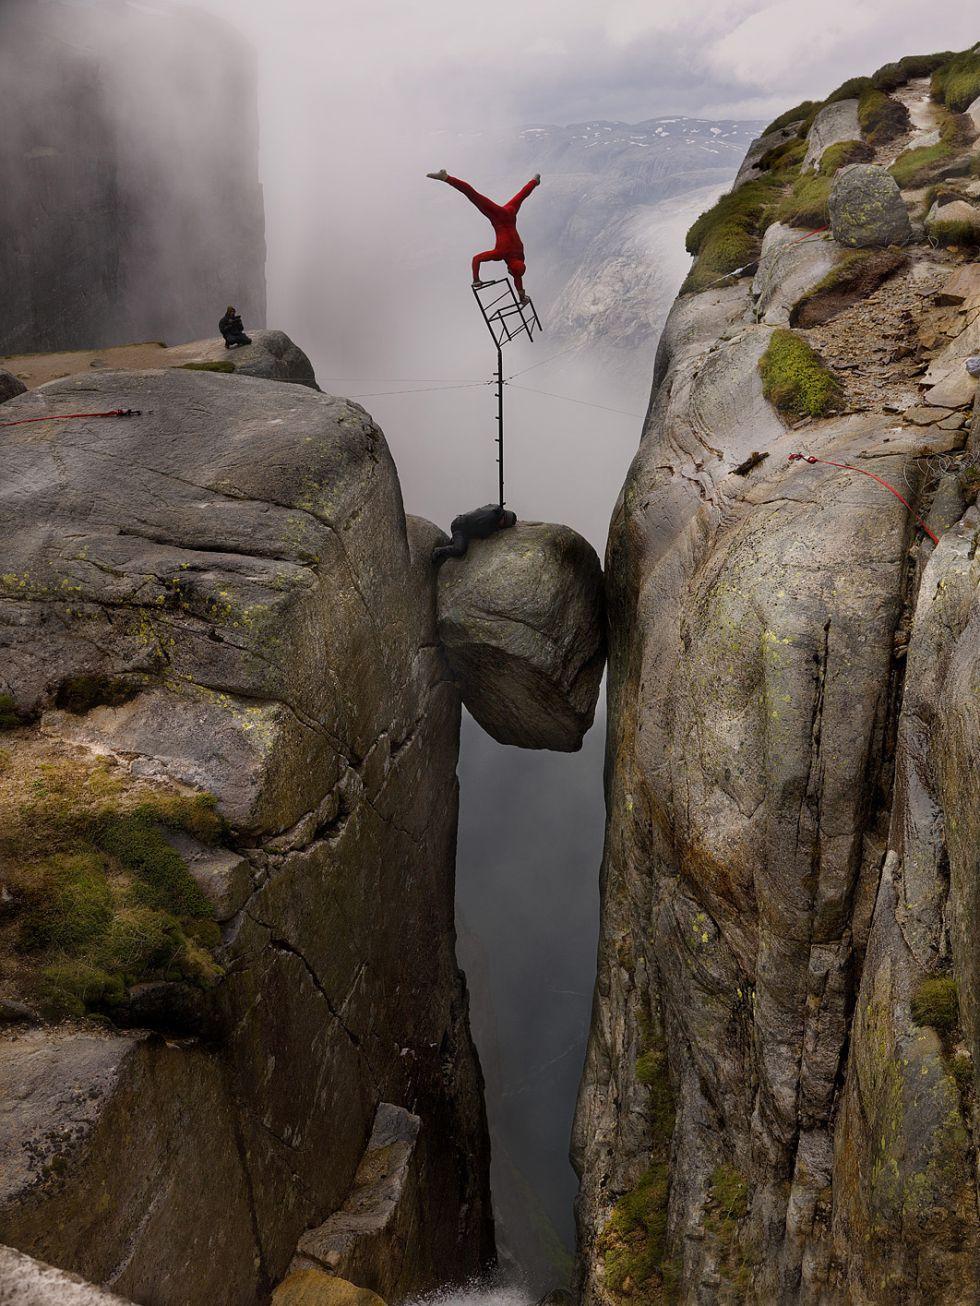 Resultado de imagen de acrobacias en el precipicio